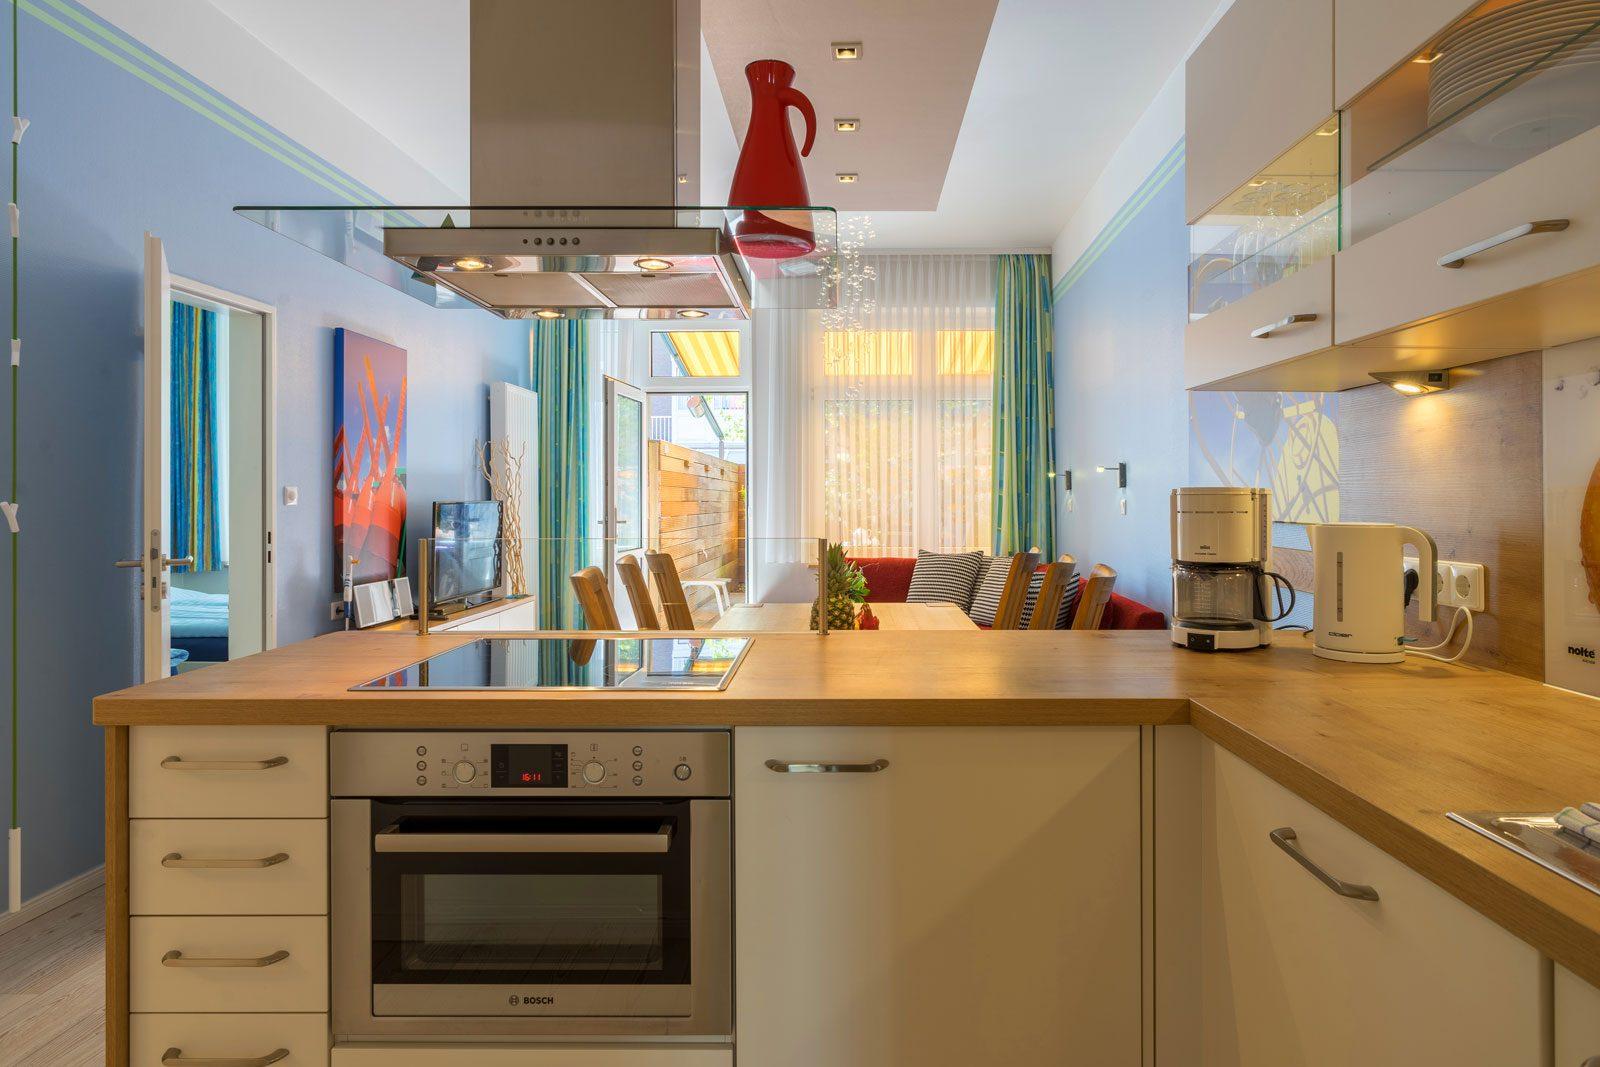 Küche Apartment Sonnendeck mit Blick auf Wohnraum und Terrasse